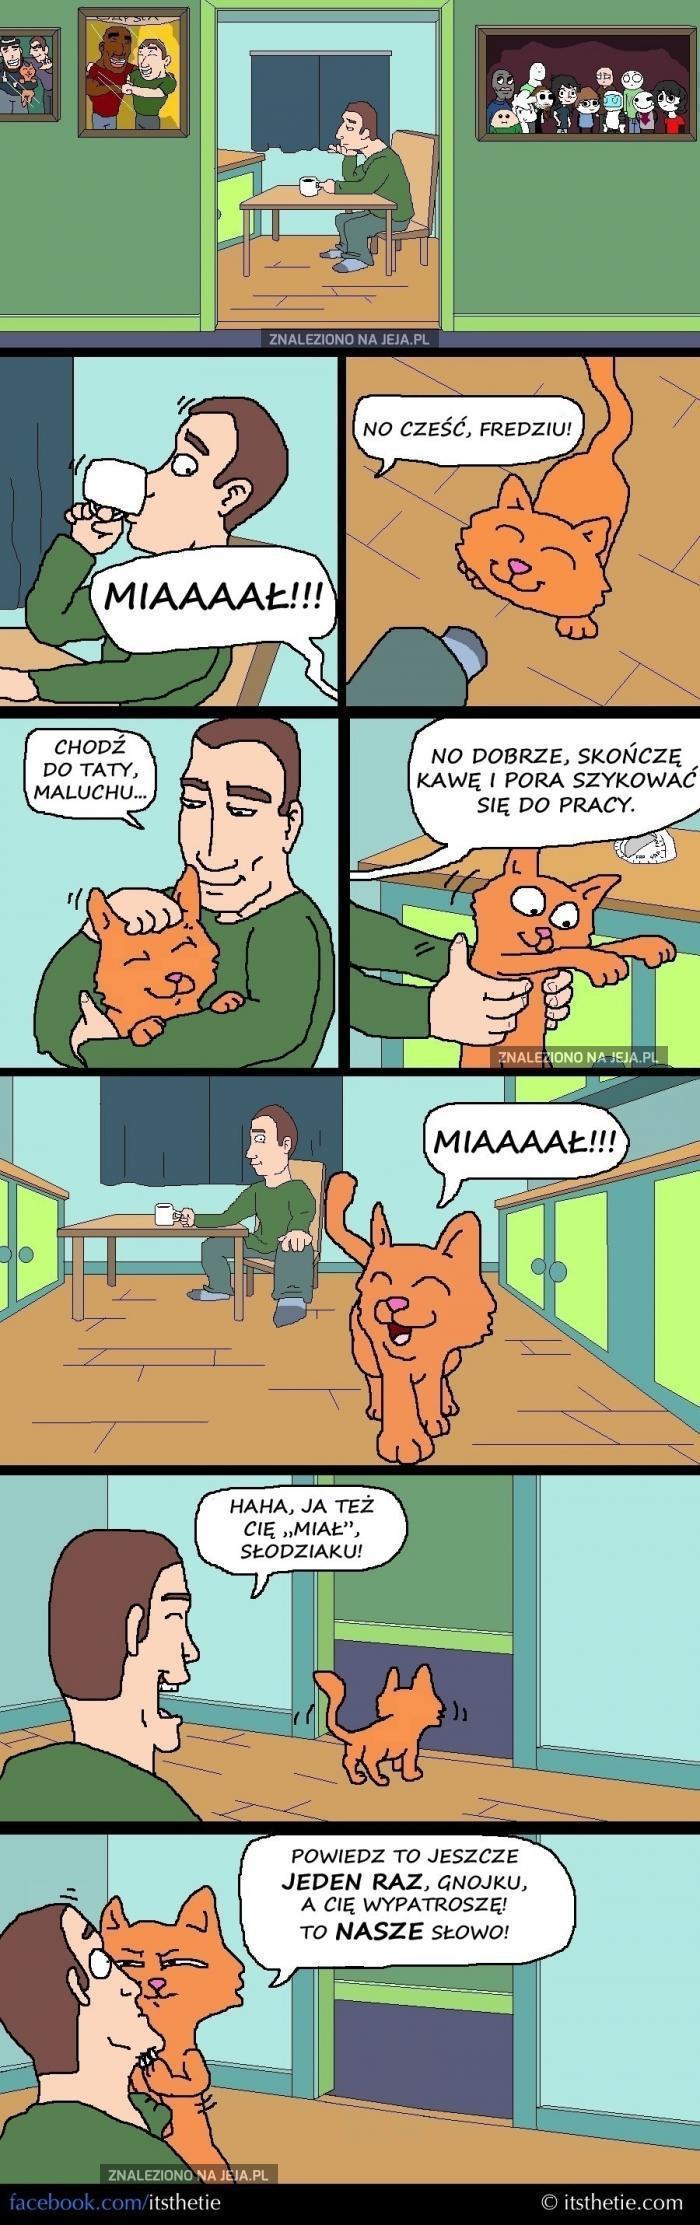 Kotki cenią sobie piękno swojego języka